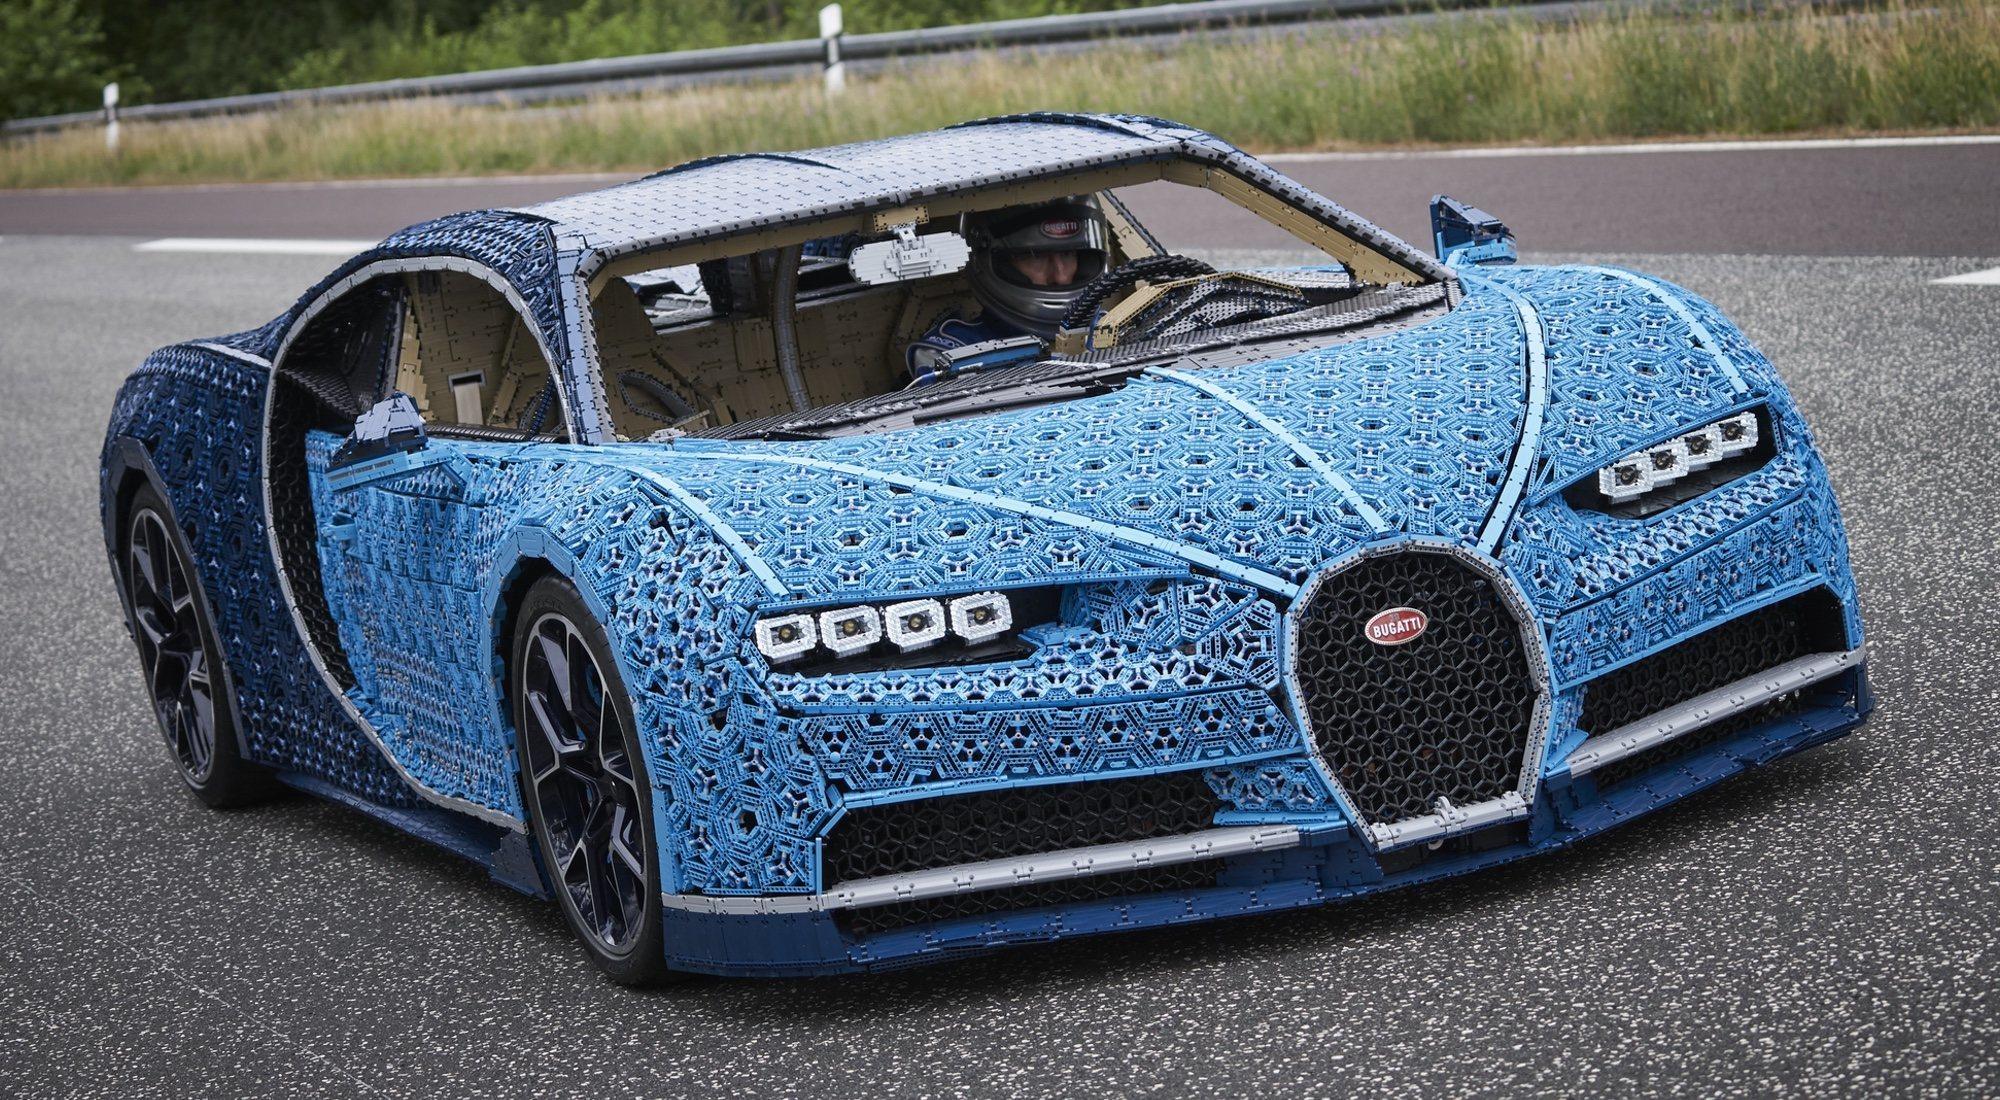 El Bugatti de LEGO fabricado con un millón de piezas